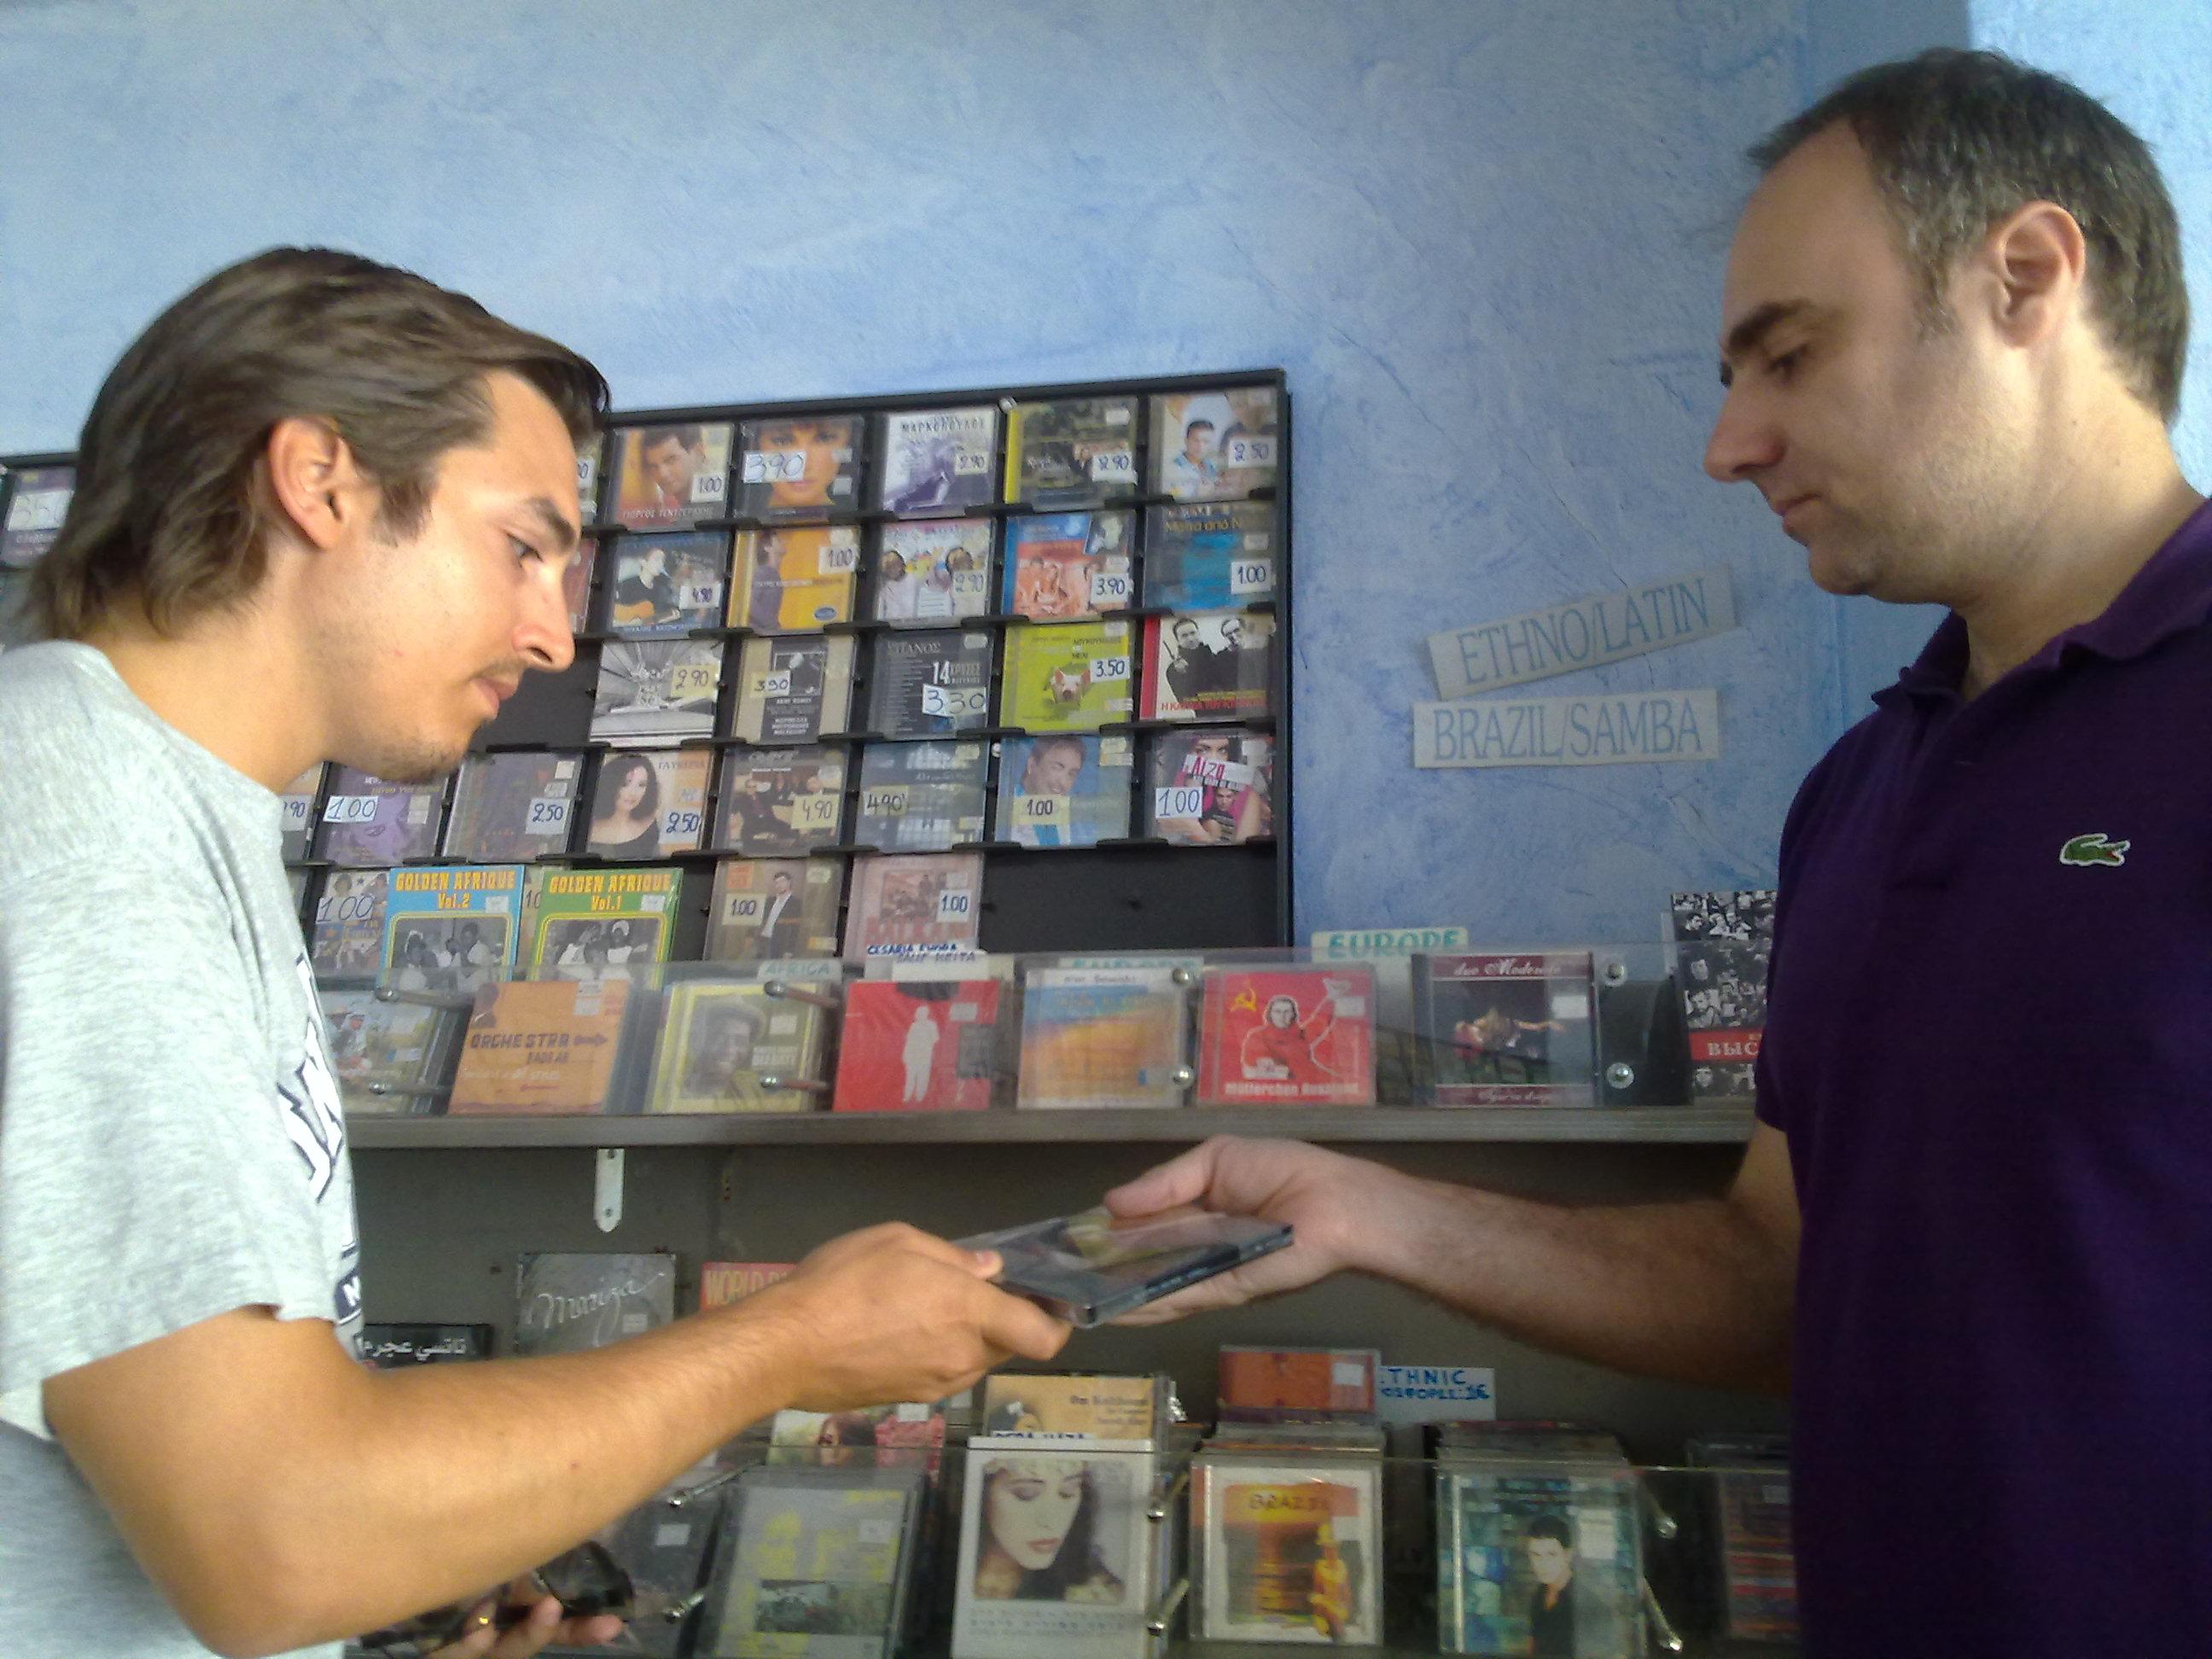 Στο κατάστημα του Ζαχαρία,βρίσκειςμεταχειρισμένα cd σε πολύ καλή κατάσταση.